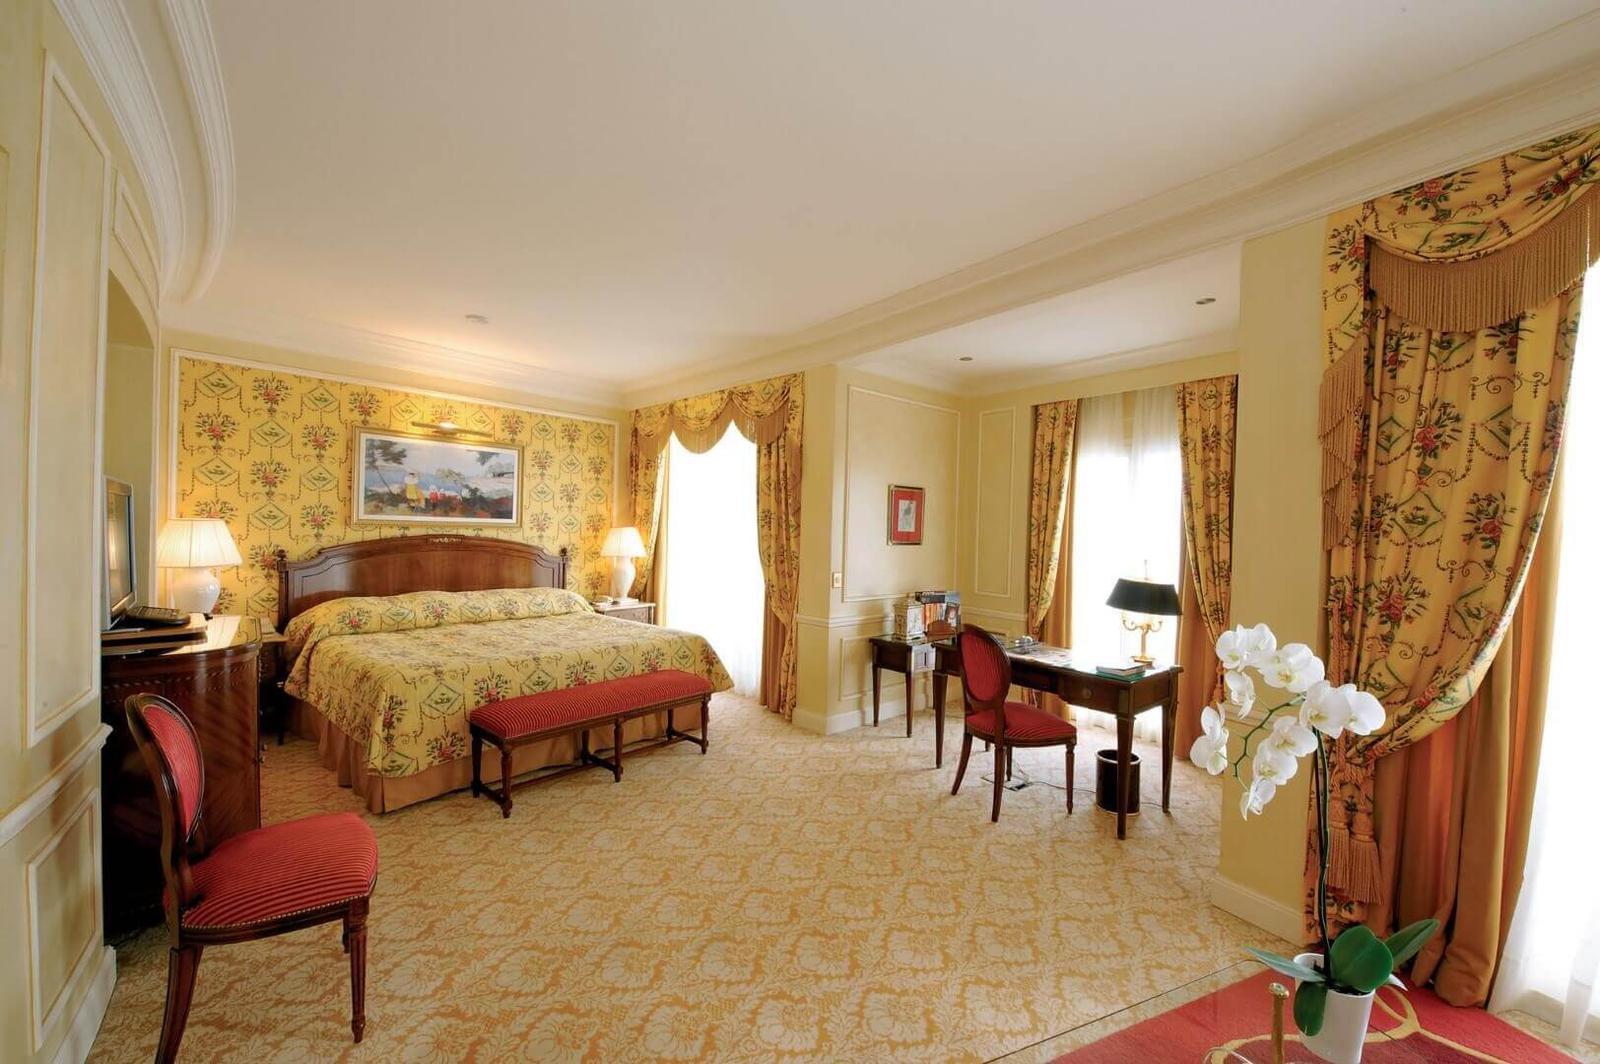 hoteles de película Hotel de Paris (Montecarlo) (1)